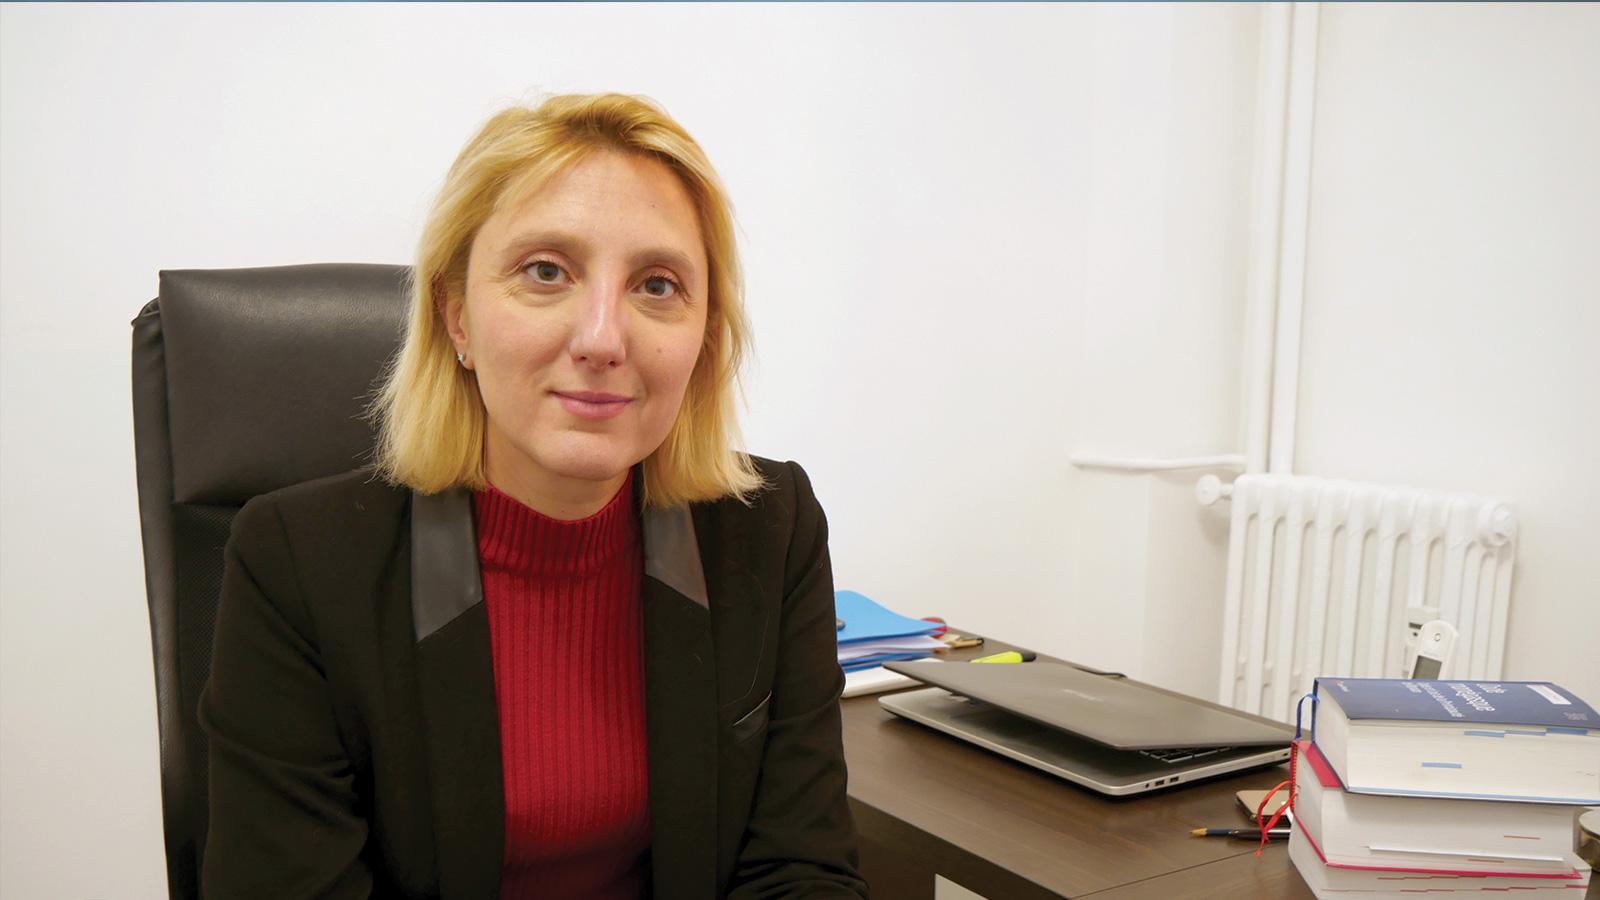 celine-Martel-harcelement-travail-avocat-monaco